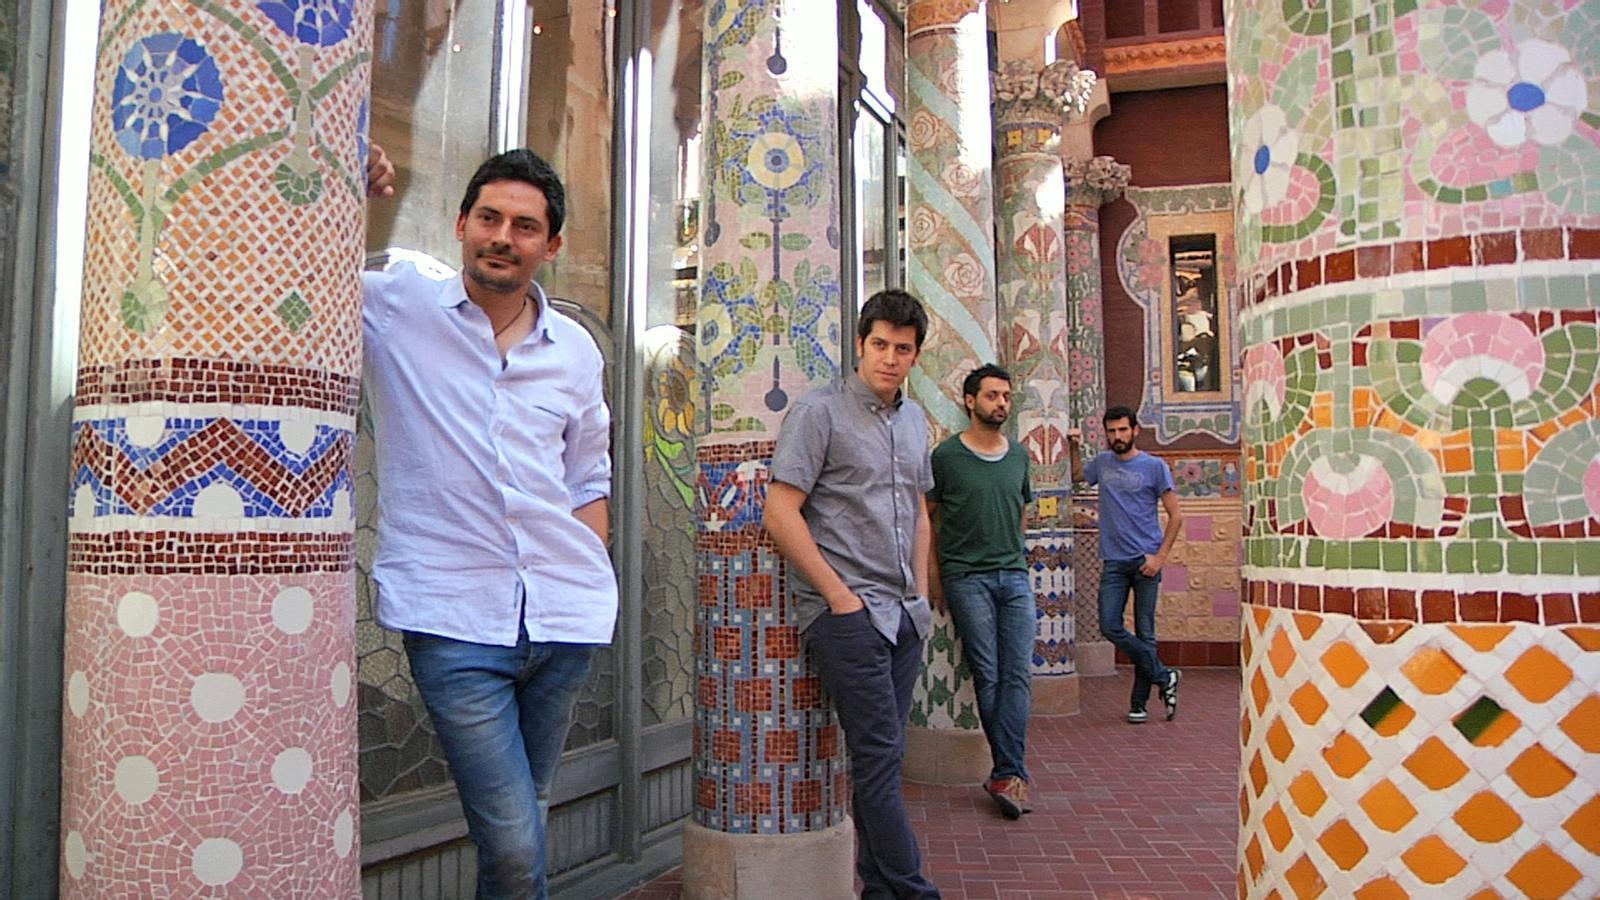 Els Amics de les Arts: El Palau de la Música és el Maracanã dels escenaris